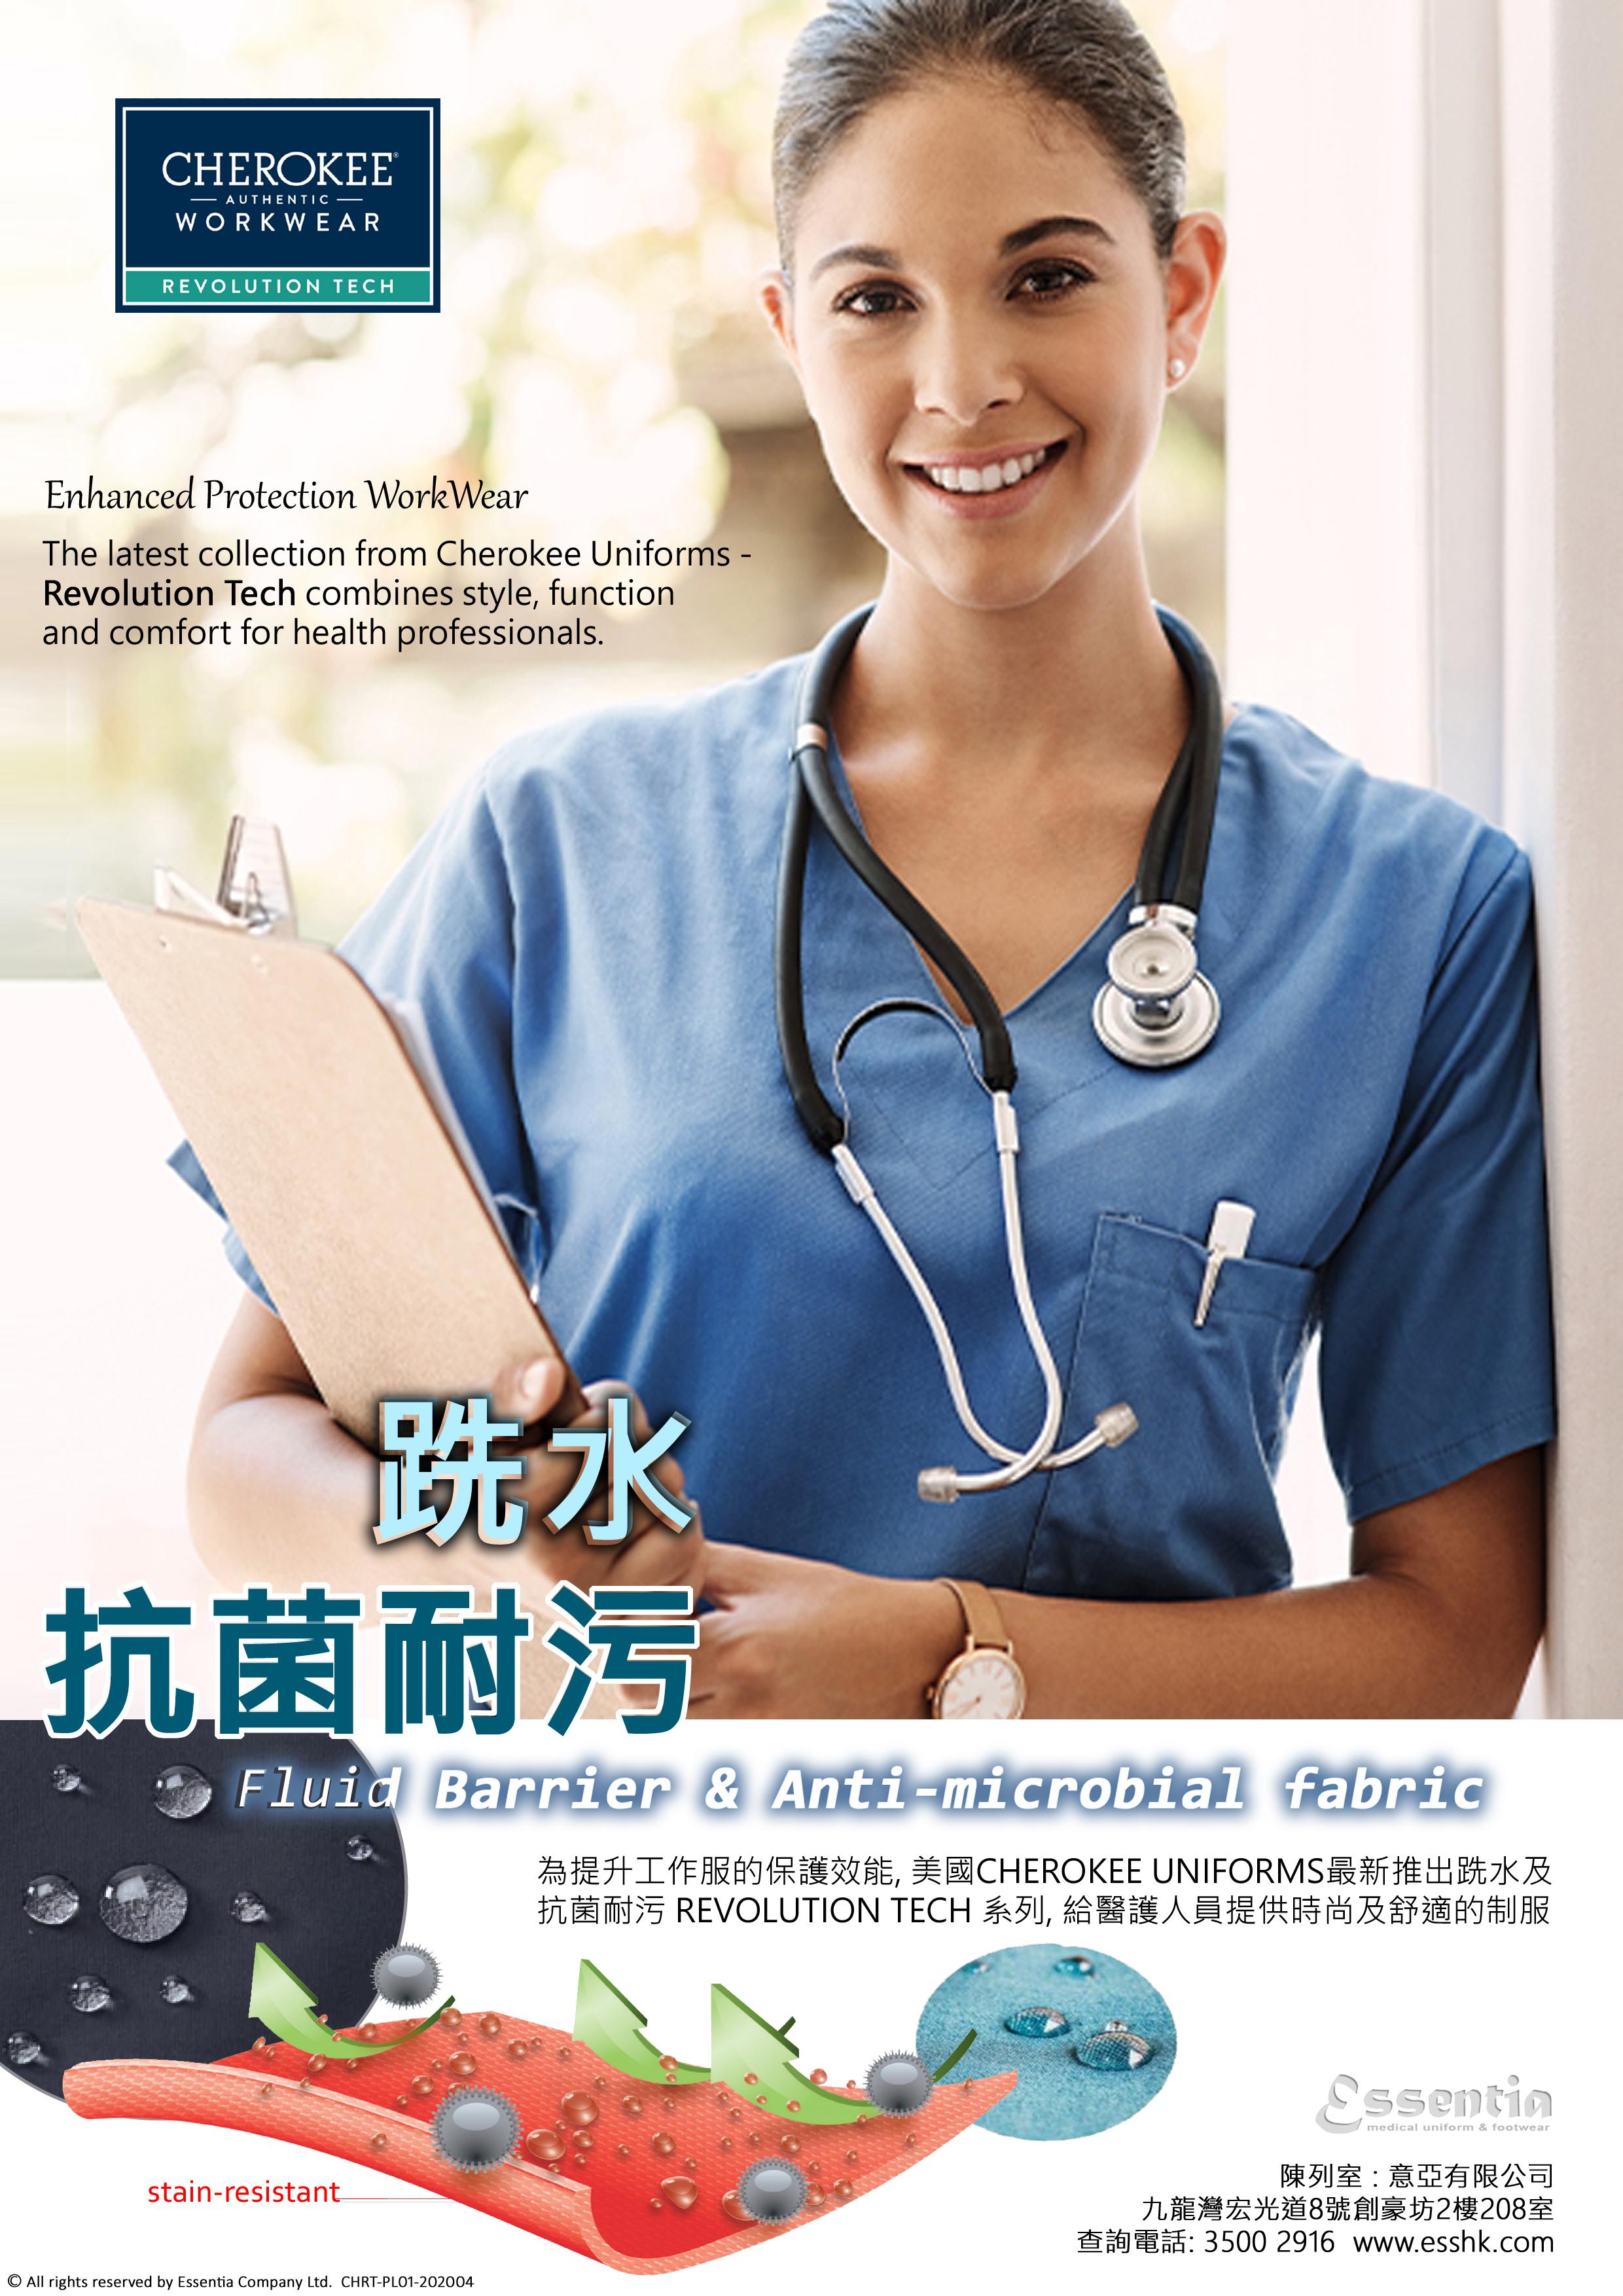 Essentia Medical Apparel & Footwear